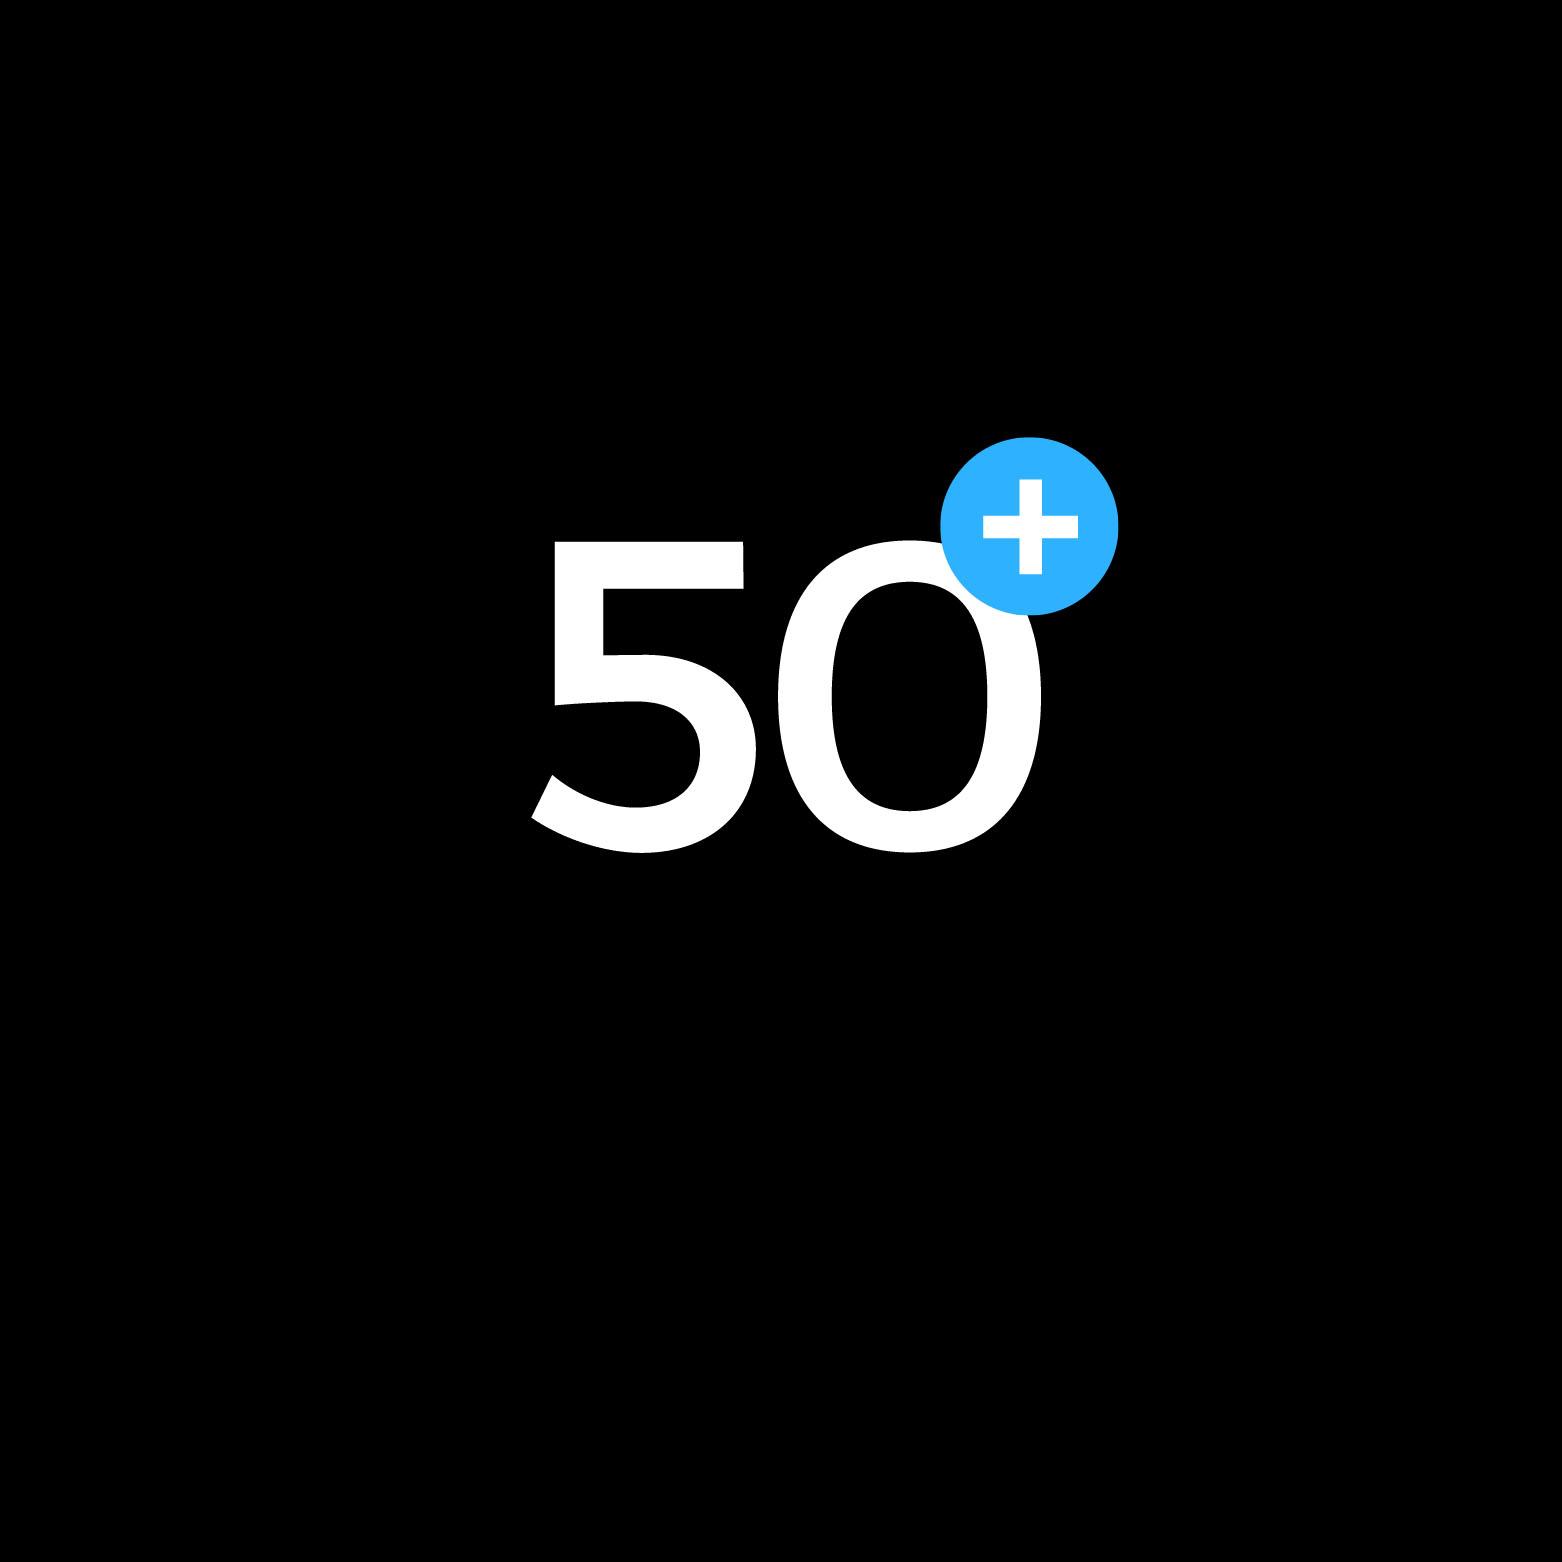 50plus.jpg